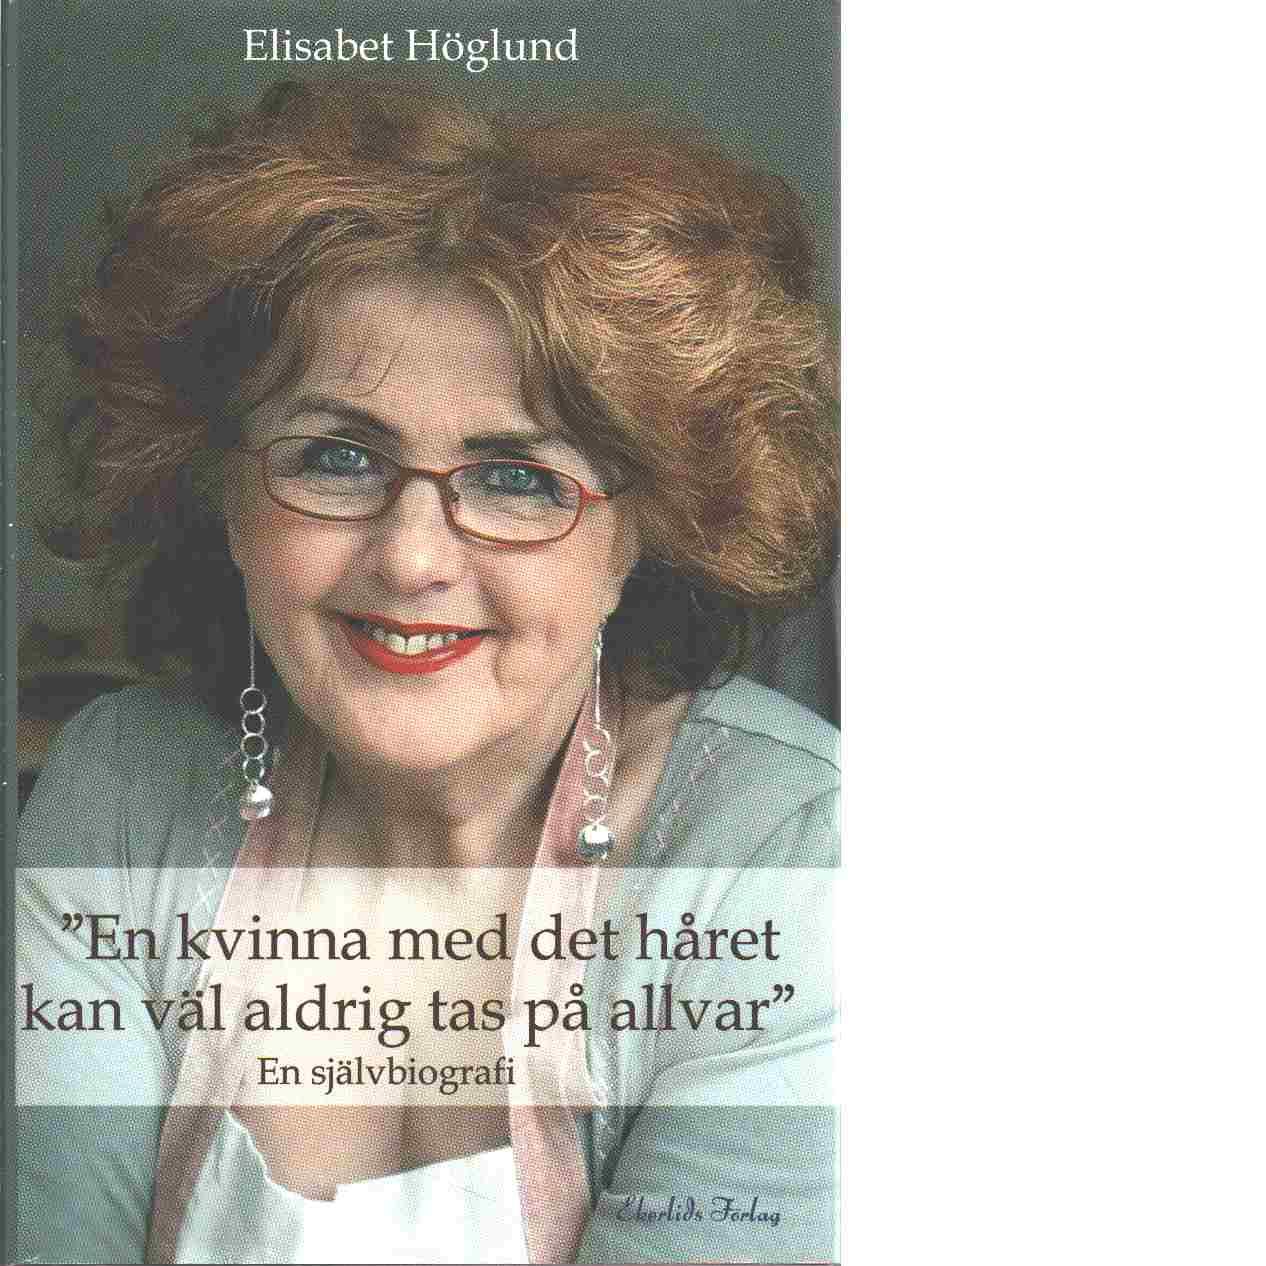 En kvinna med det håret kan väl aldrig tas på allvar - Höglund, Elisabet